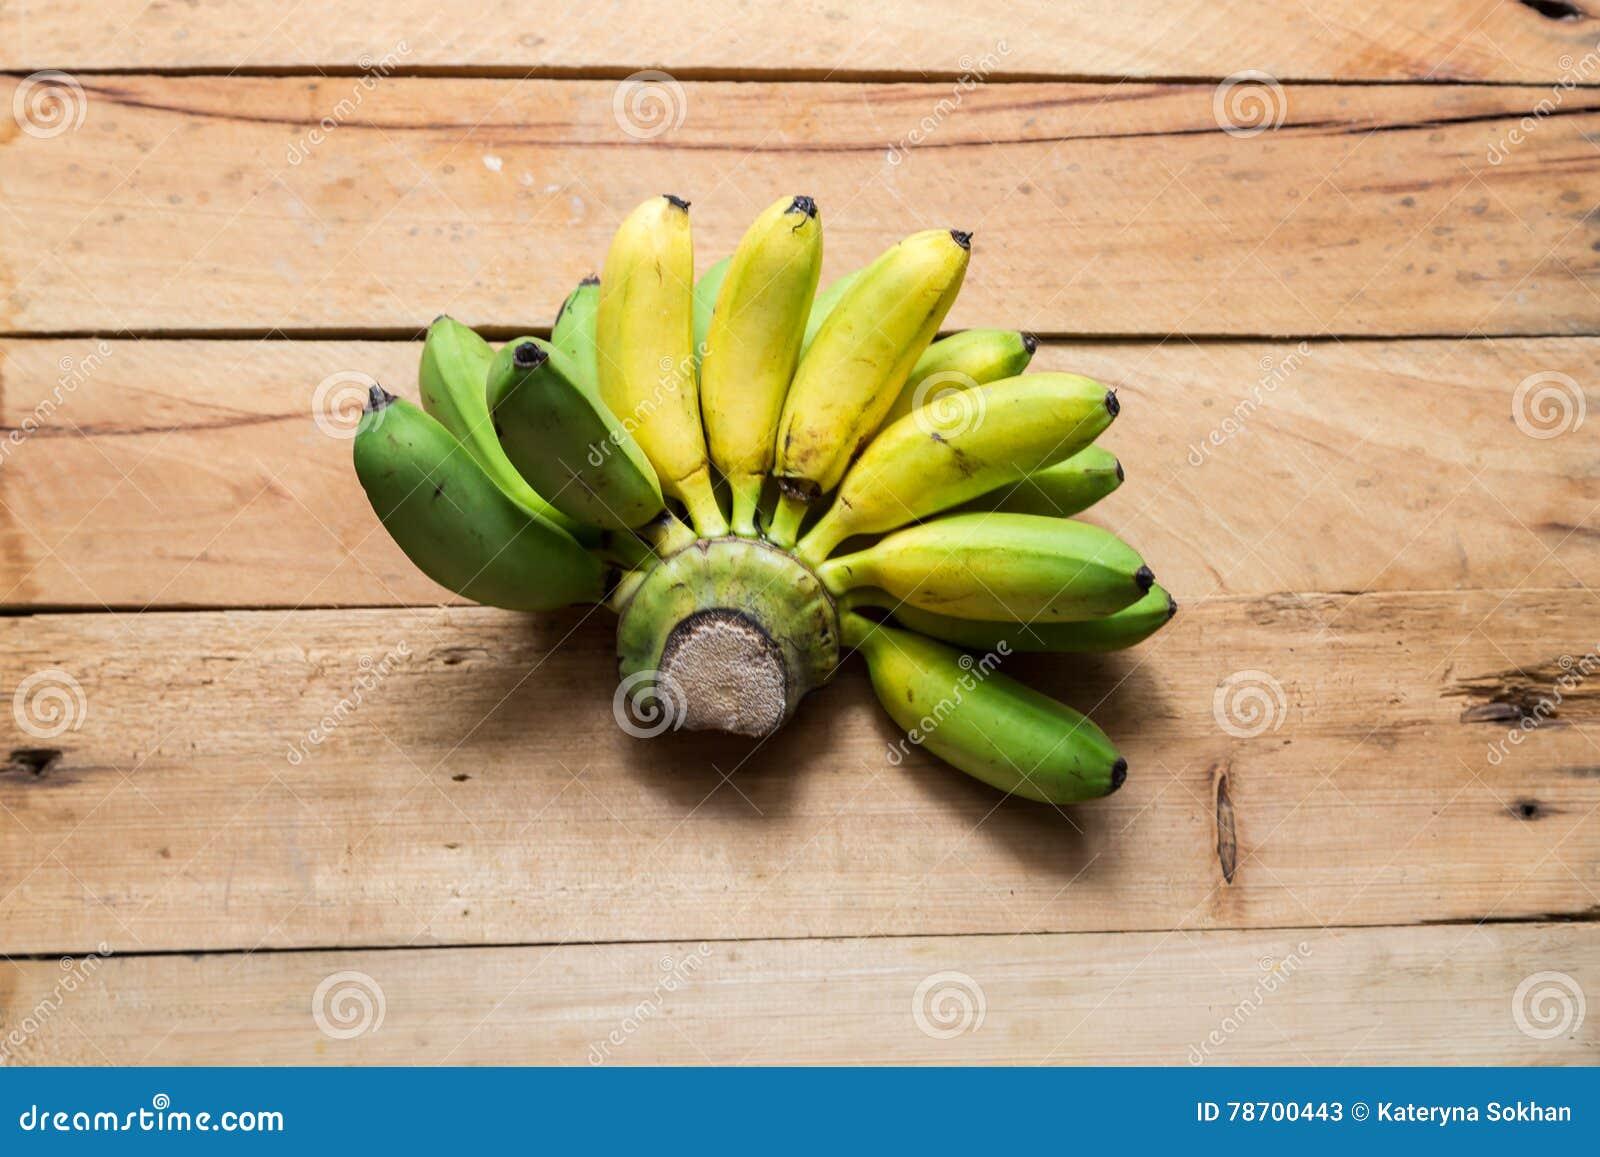 Bananen Gelb und Grün